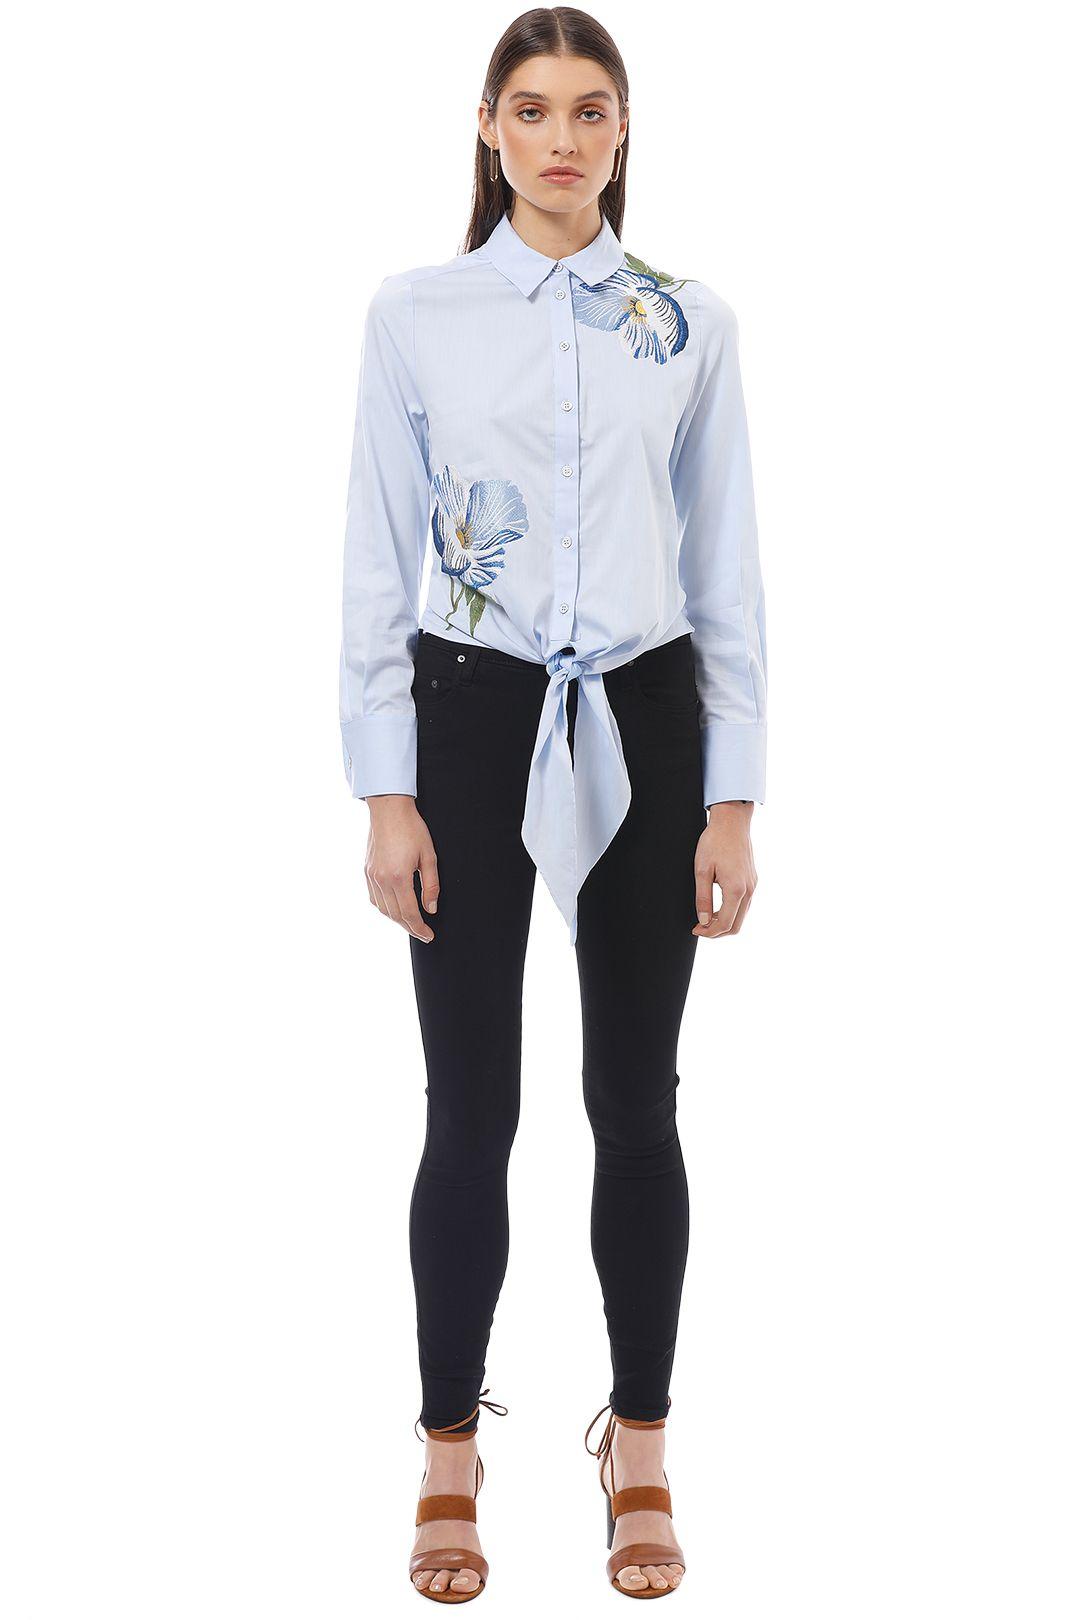 Karen Millen - Floral Embroidered Shirt - Blue - Front